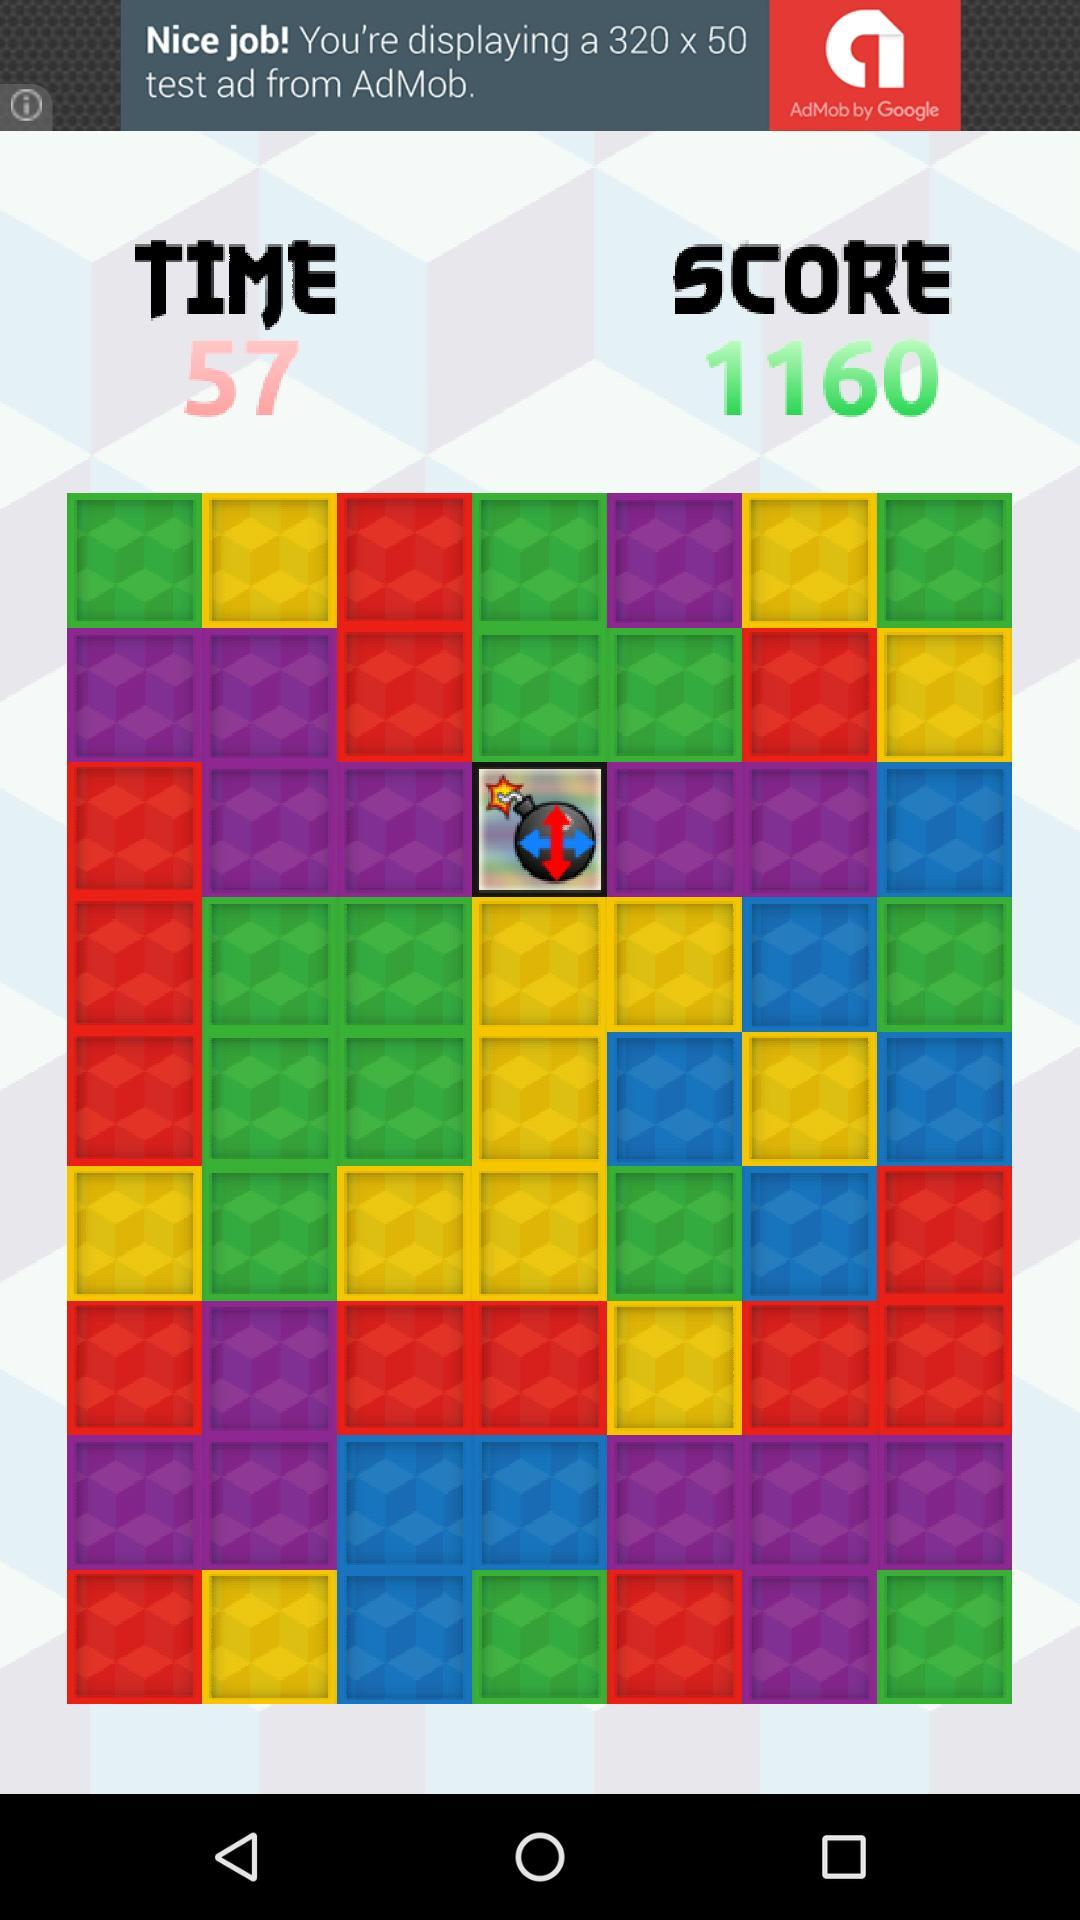 Jeux De Logique Enfant - Primanyc dedans Jeux De Logique Enfant